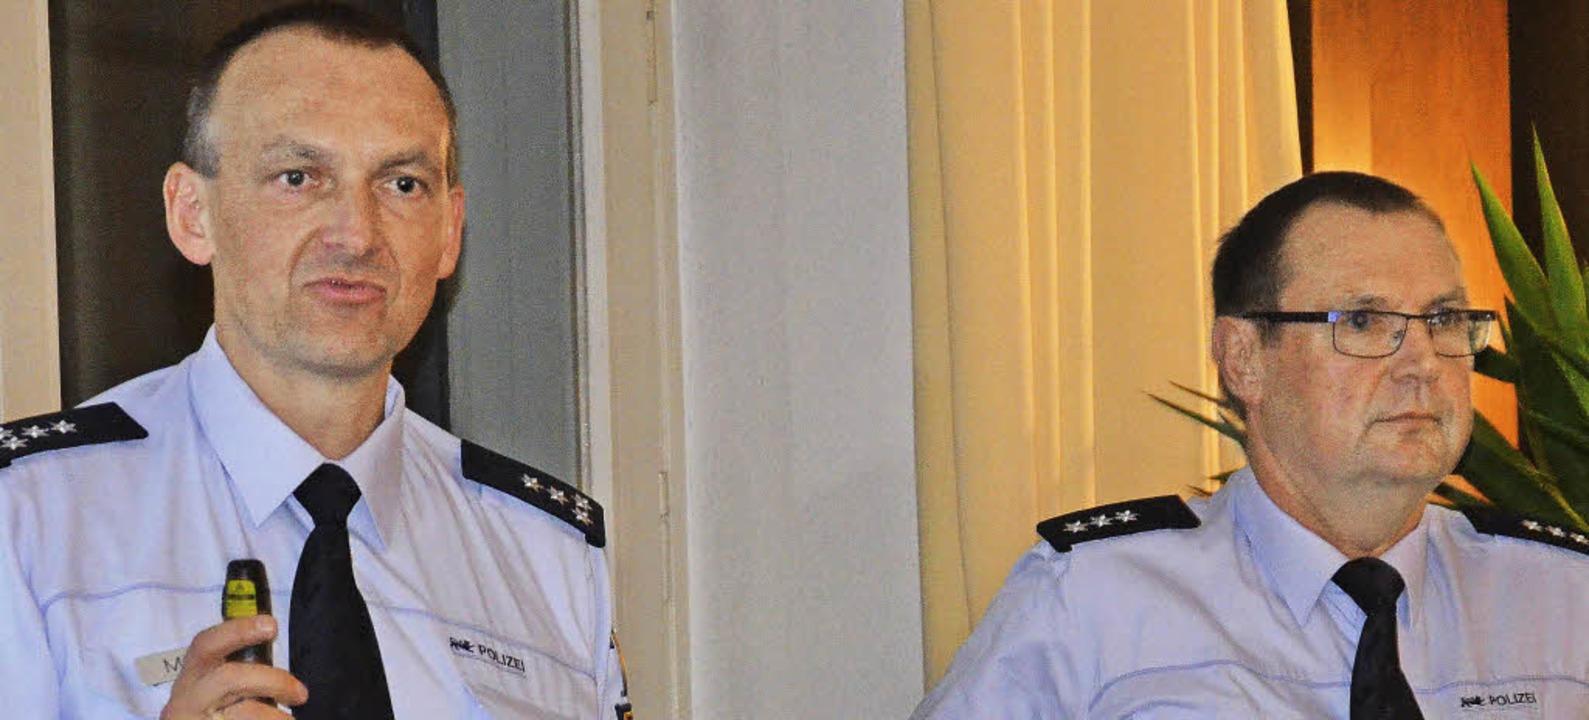 Polizeipostenleiter Peter Müller und P...in referierten  bei der IG  Budenfest.  | Foto: Marco Schopferer